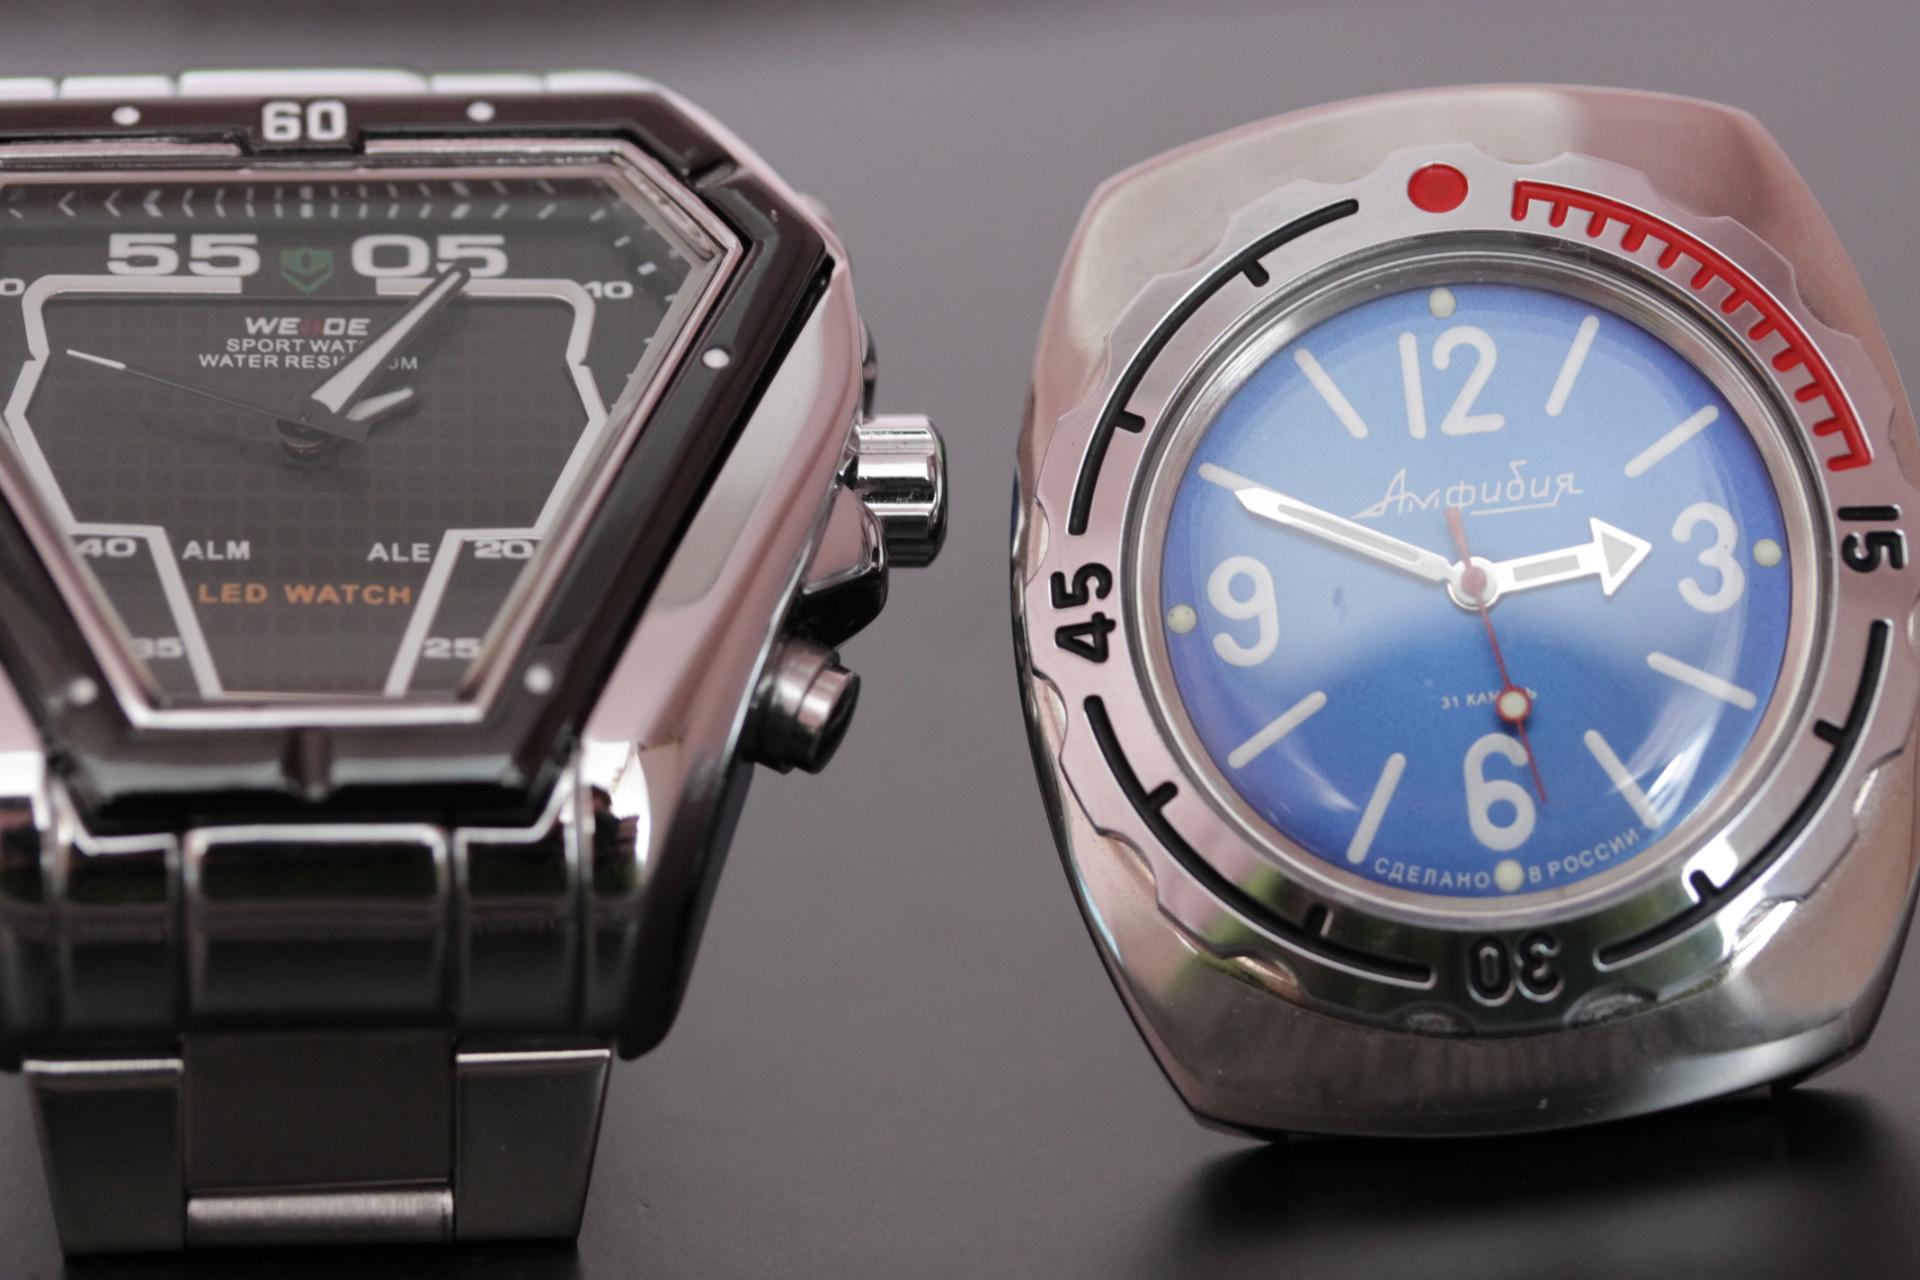 В продаже тестовые часы Восток Амфибия и Weide: цена снижена!